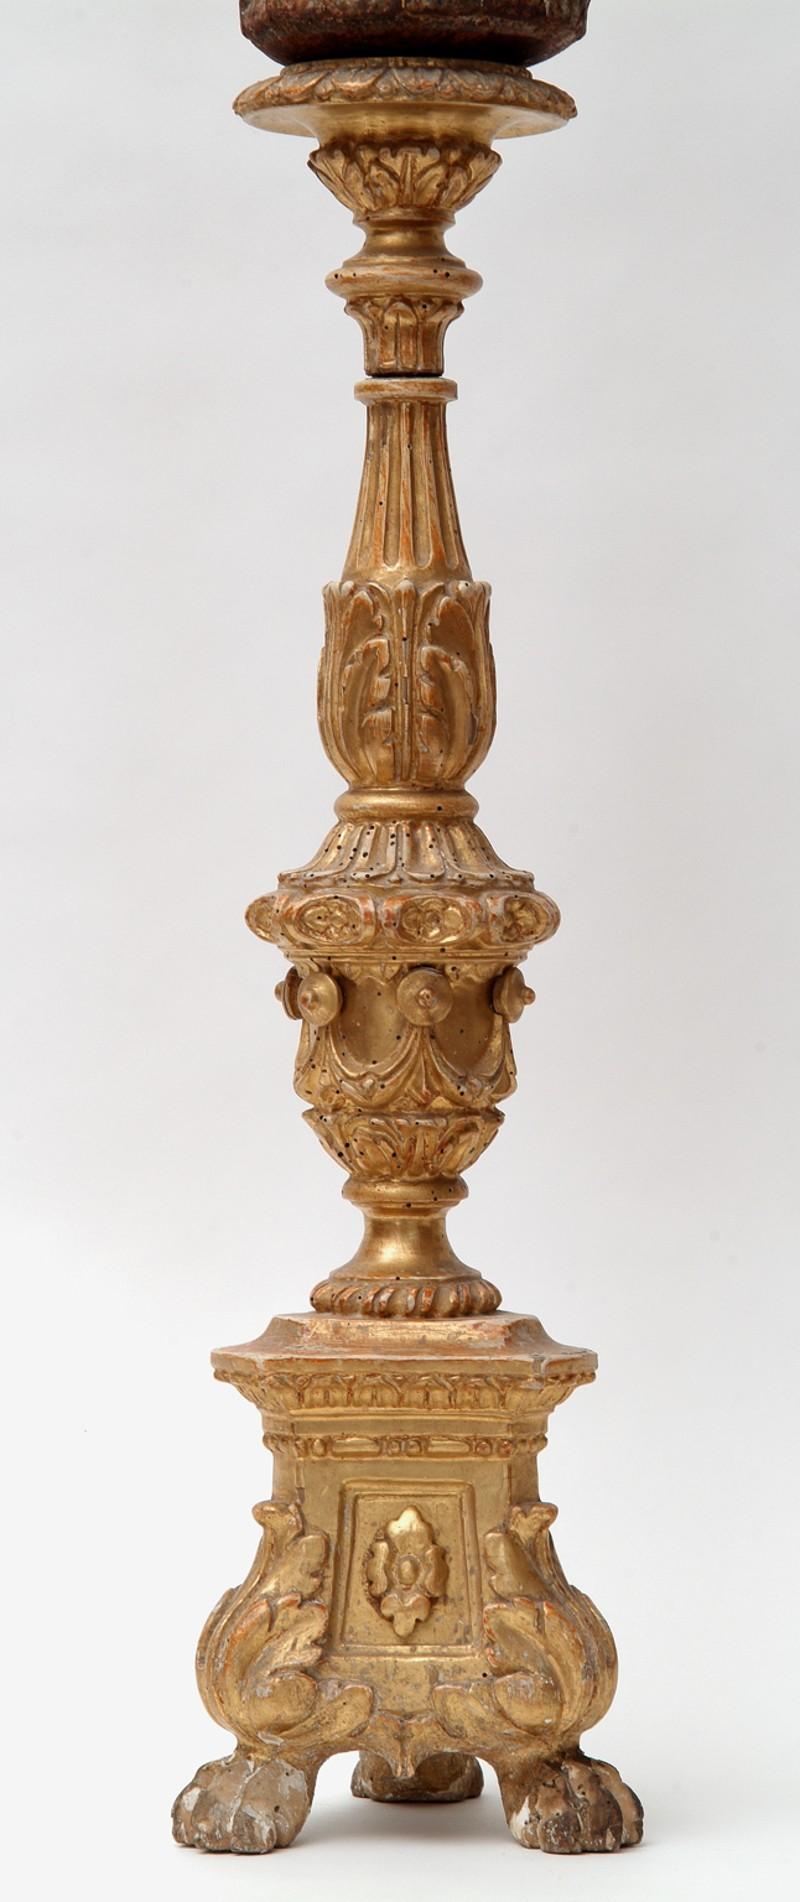 Artigianato veronese sec. XIX, Candeliere d'altare con drappi cm 58 2/4